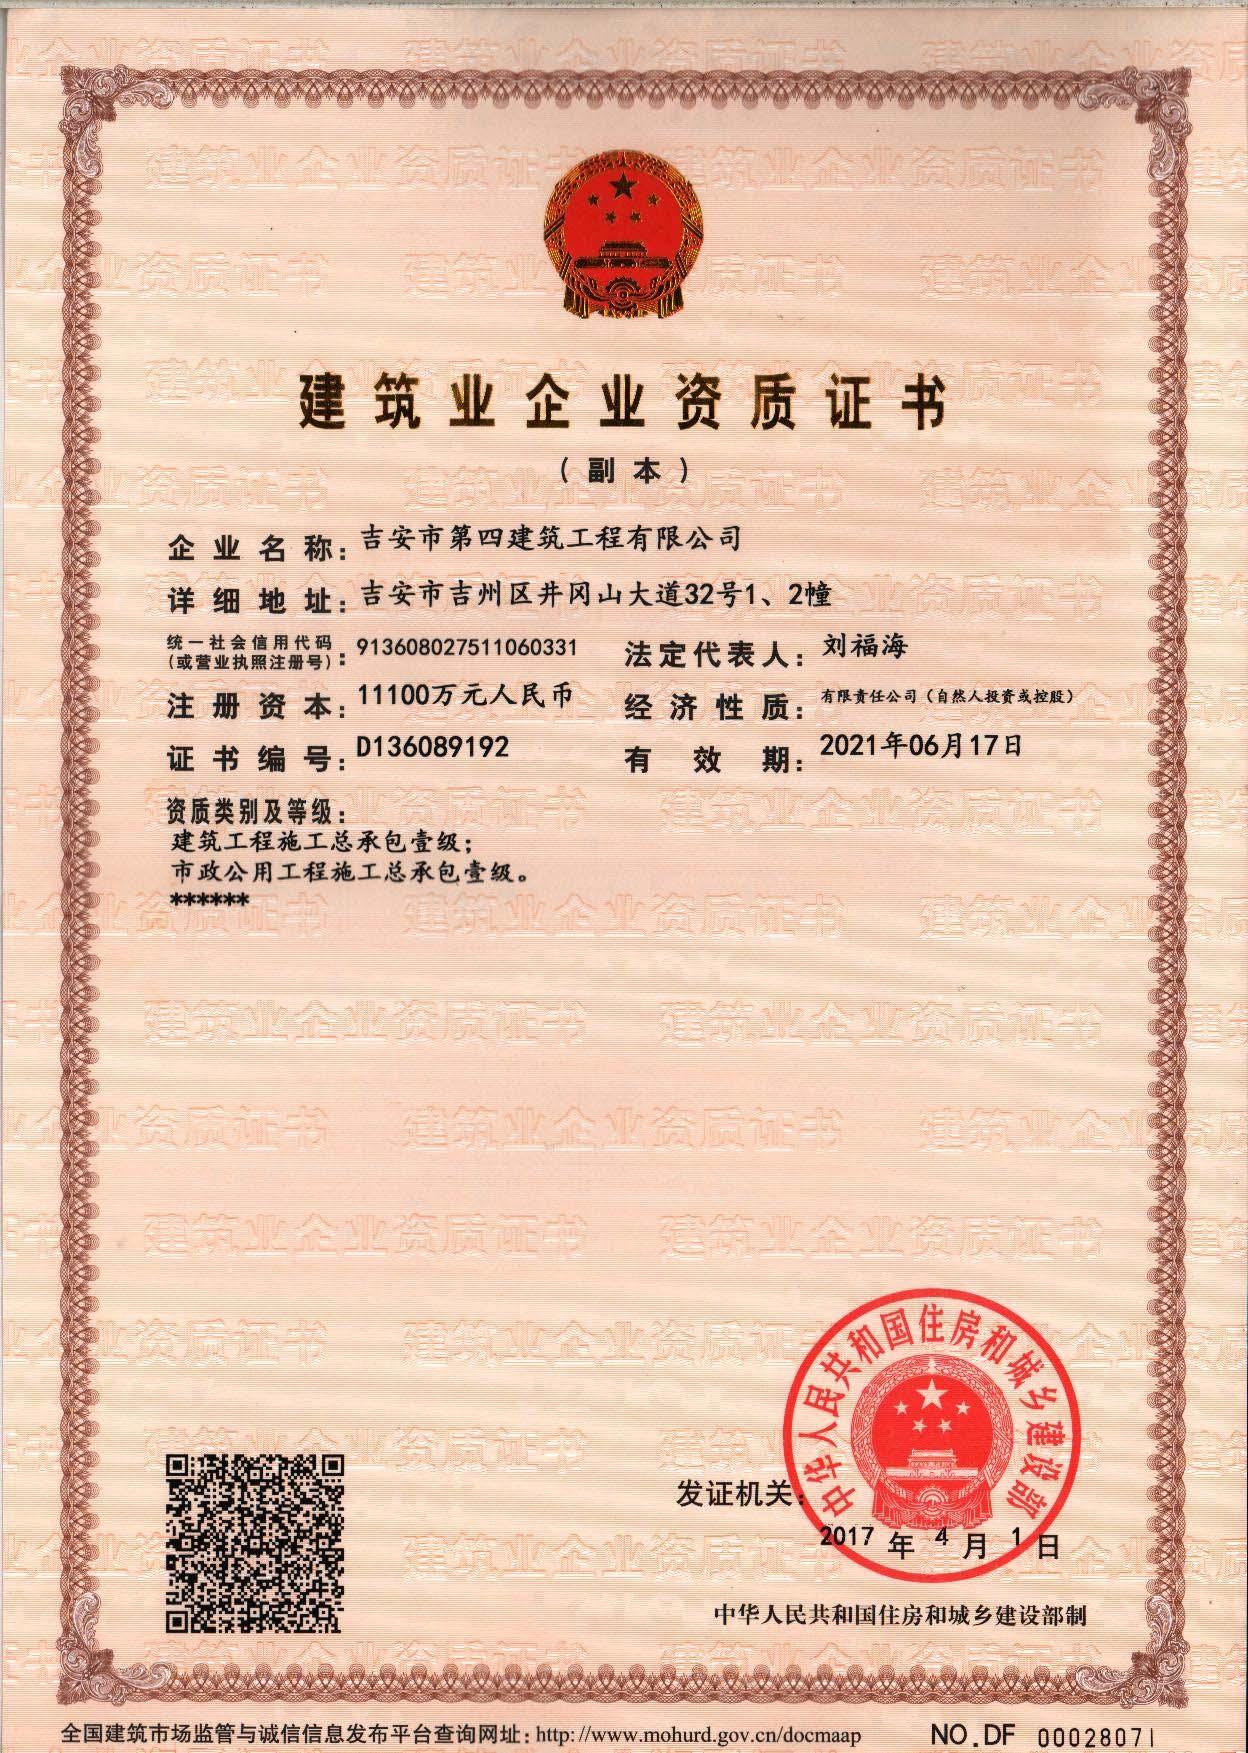 建设部资质证书副本